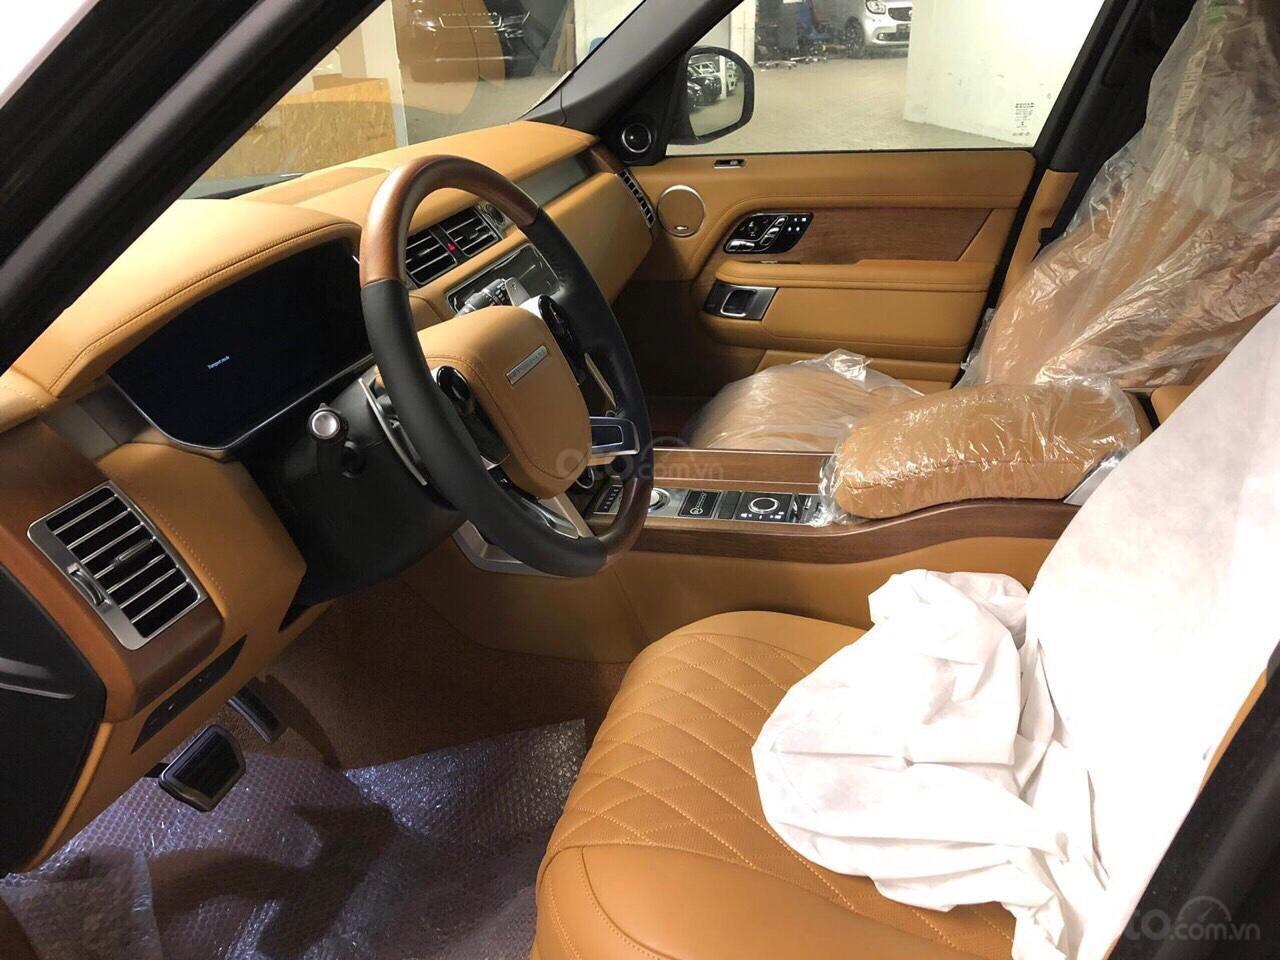 Giao ngay Range Rover SV Autobiography 2019 đủ màu, giao ngay, giá tốt nhất 0903 268 007 (4)